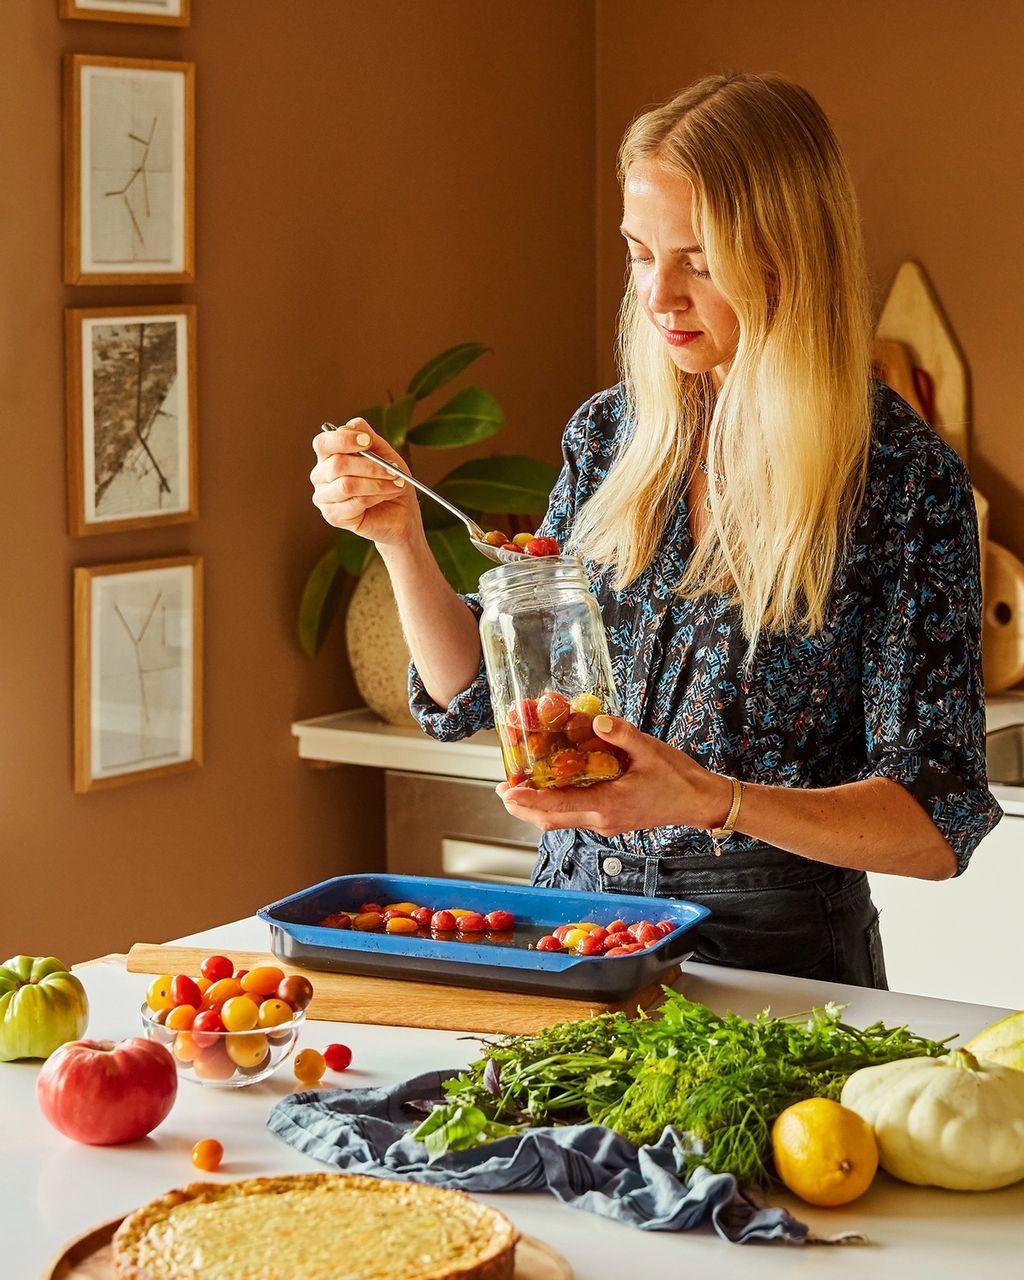 Mette Mortensen er matstylist og oppskriftsutvikler. I jobben sin komponerer hun visuelt sterke retter, med en forkjærlighet for det uperfekte, eksotiske og grafiske.